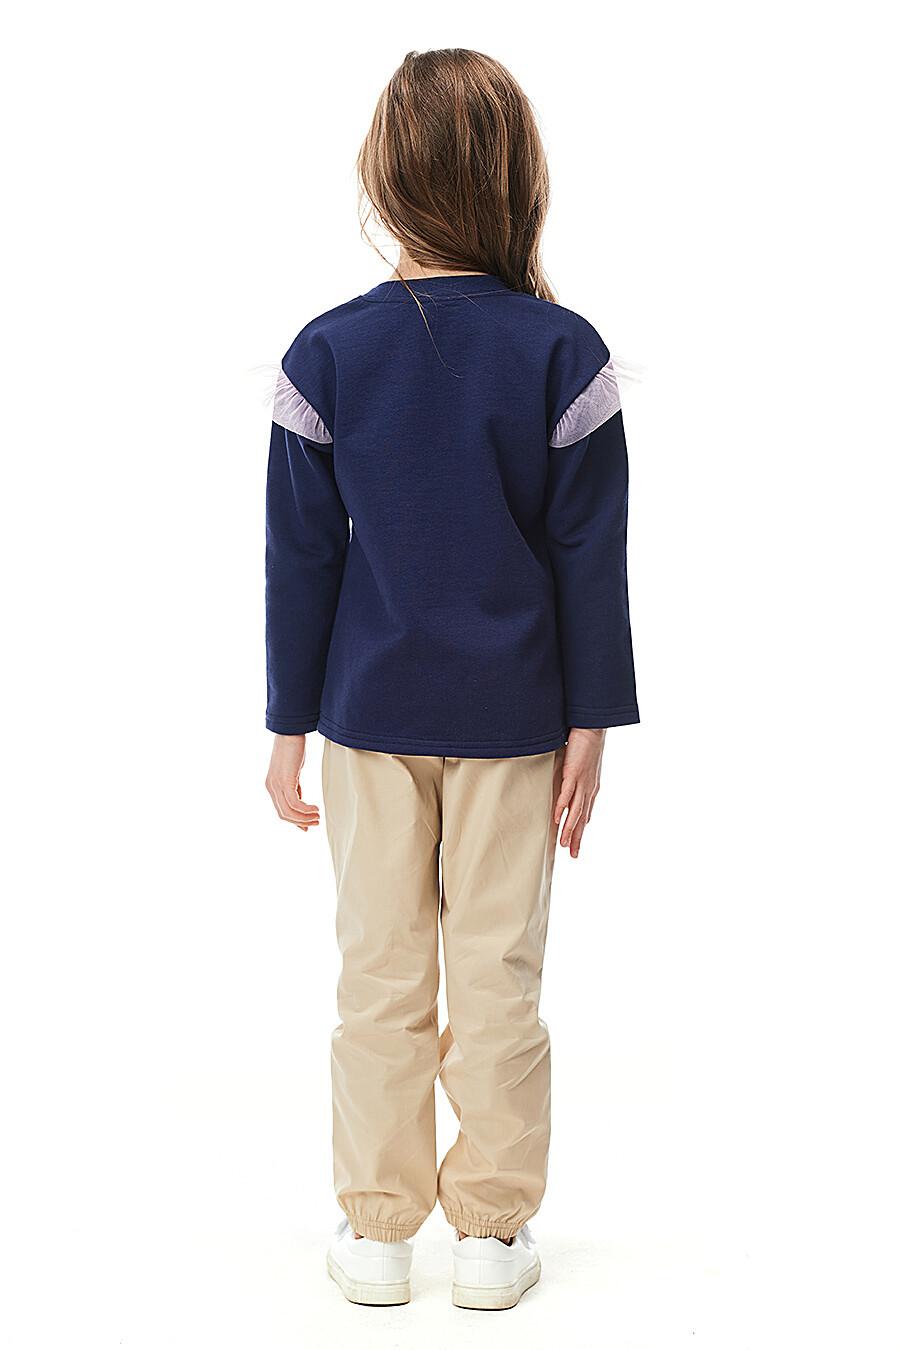 Брюки для девочек LUCKY CHILD 184427 купить оптом от производителя. Совместная покупка детской одежды в OptMoyo